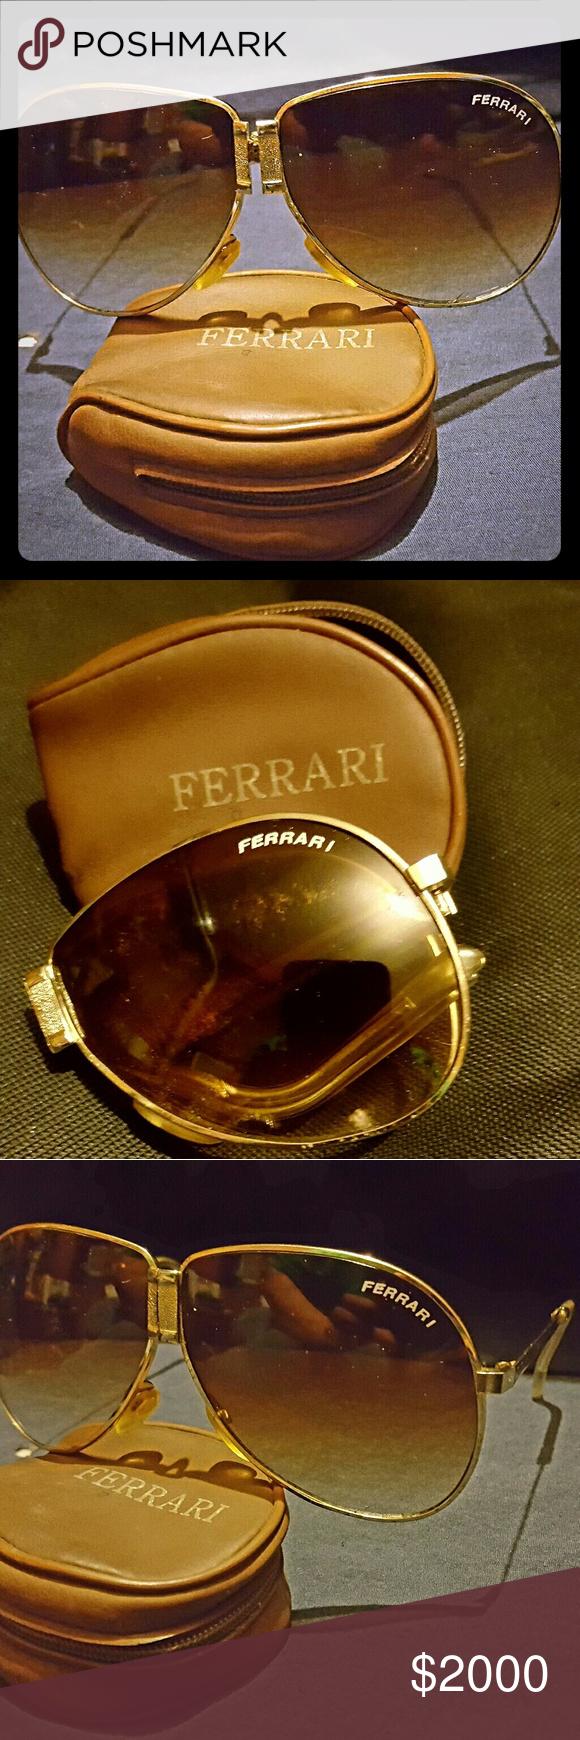 Vintage Ferrari Folding Sunglasses Folding Sunglasses Sunglasses Glasses Accessories